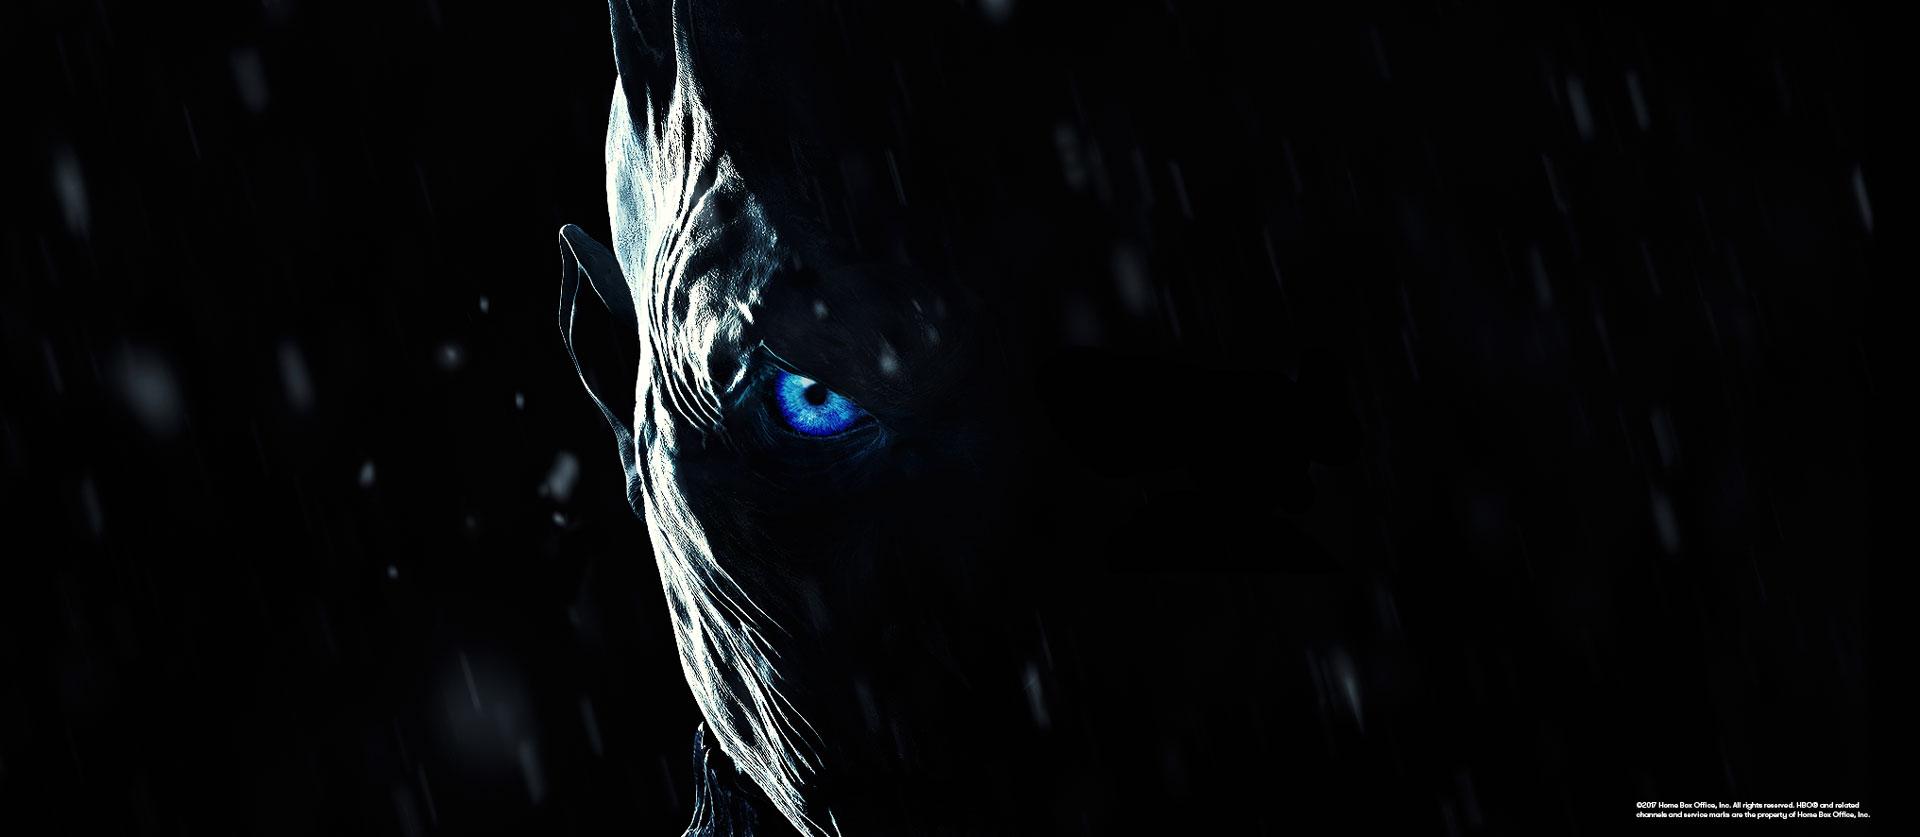 GOT---banner-blue-eye